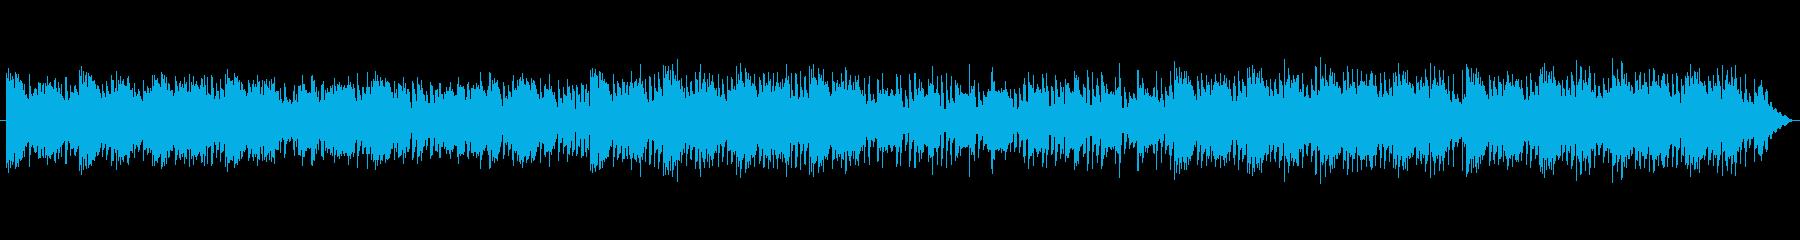 エレクトリックピアノをフィーチャー...の再生済みの波形